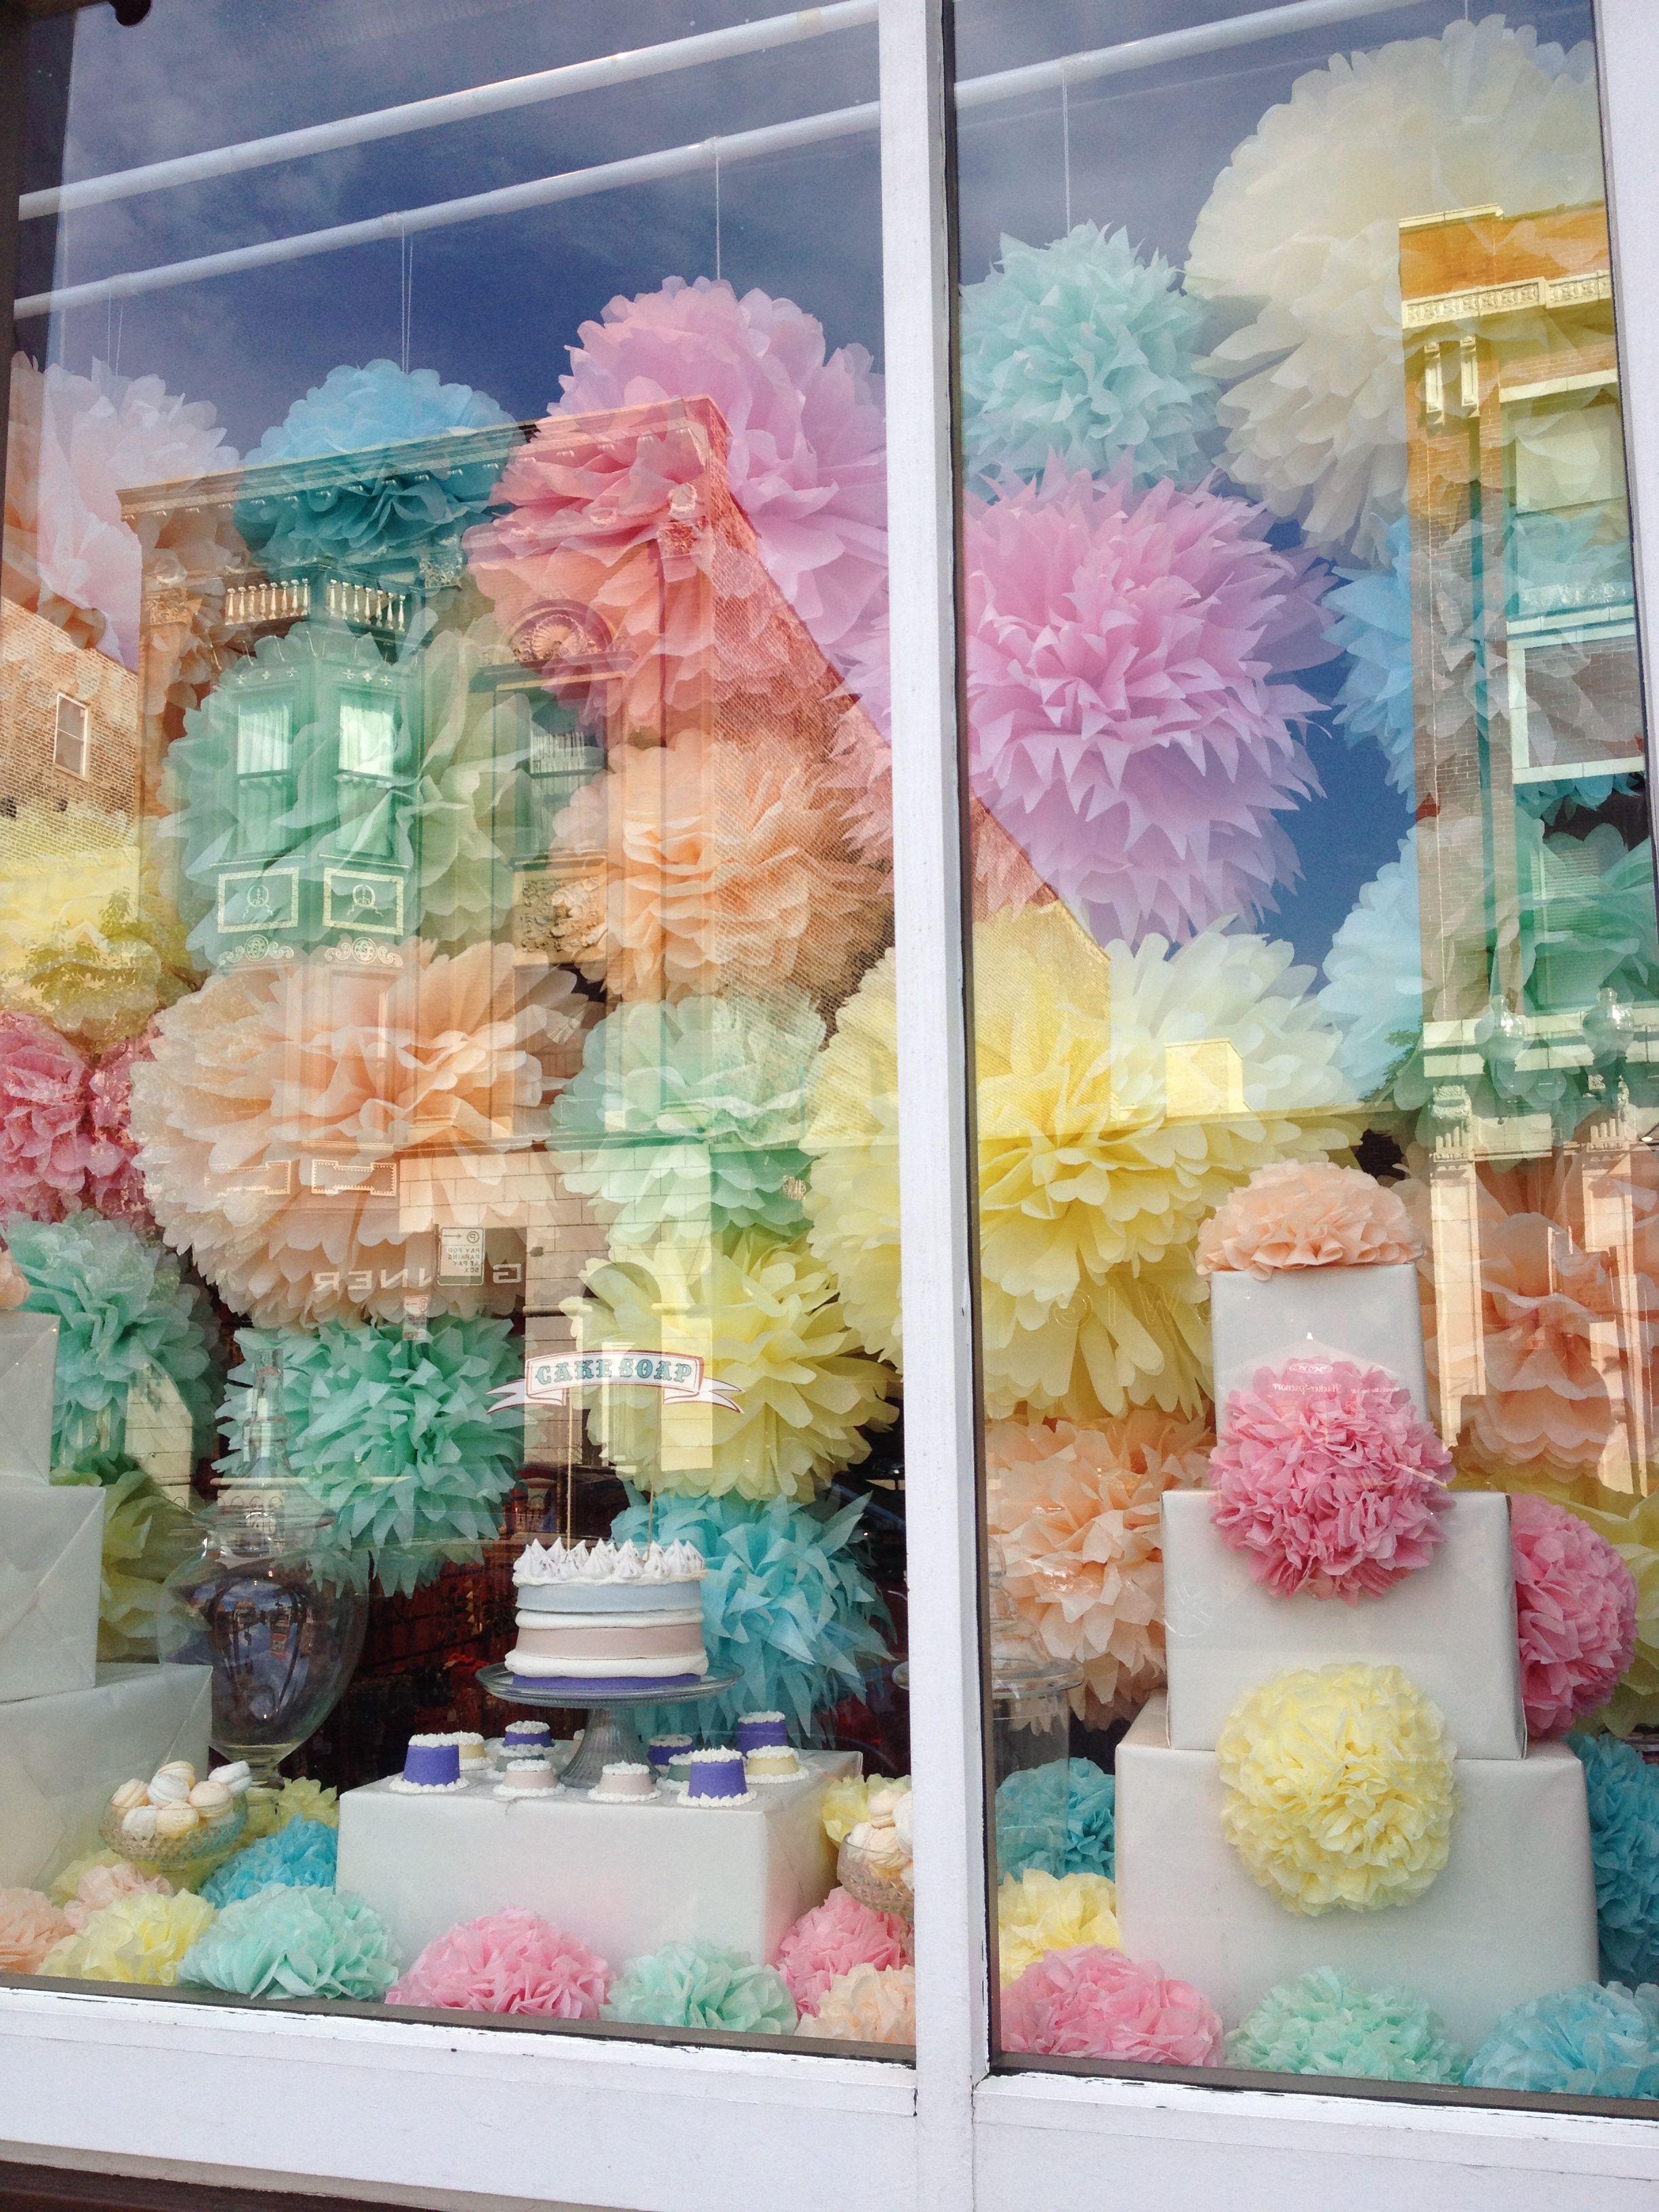 pom-pom window display